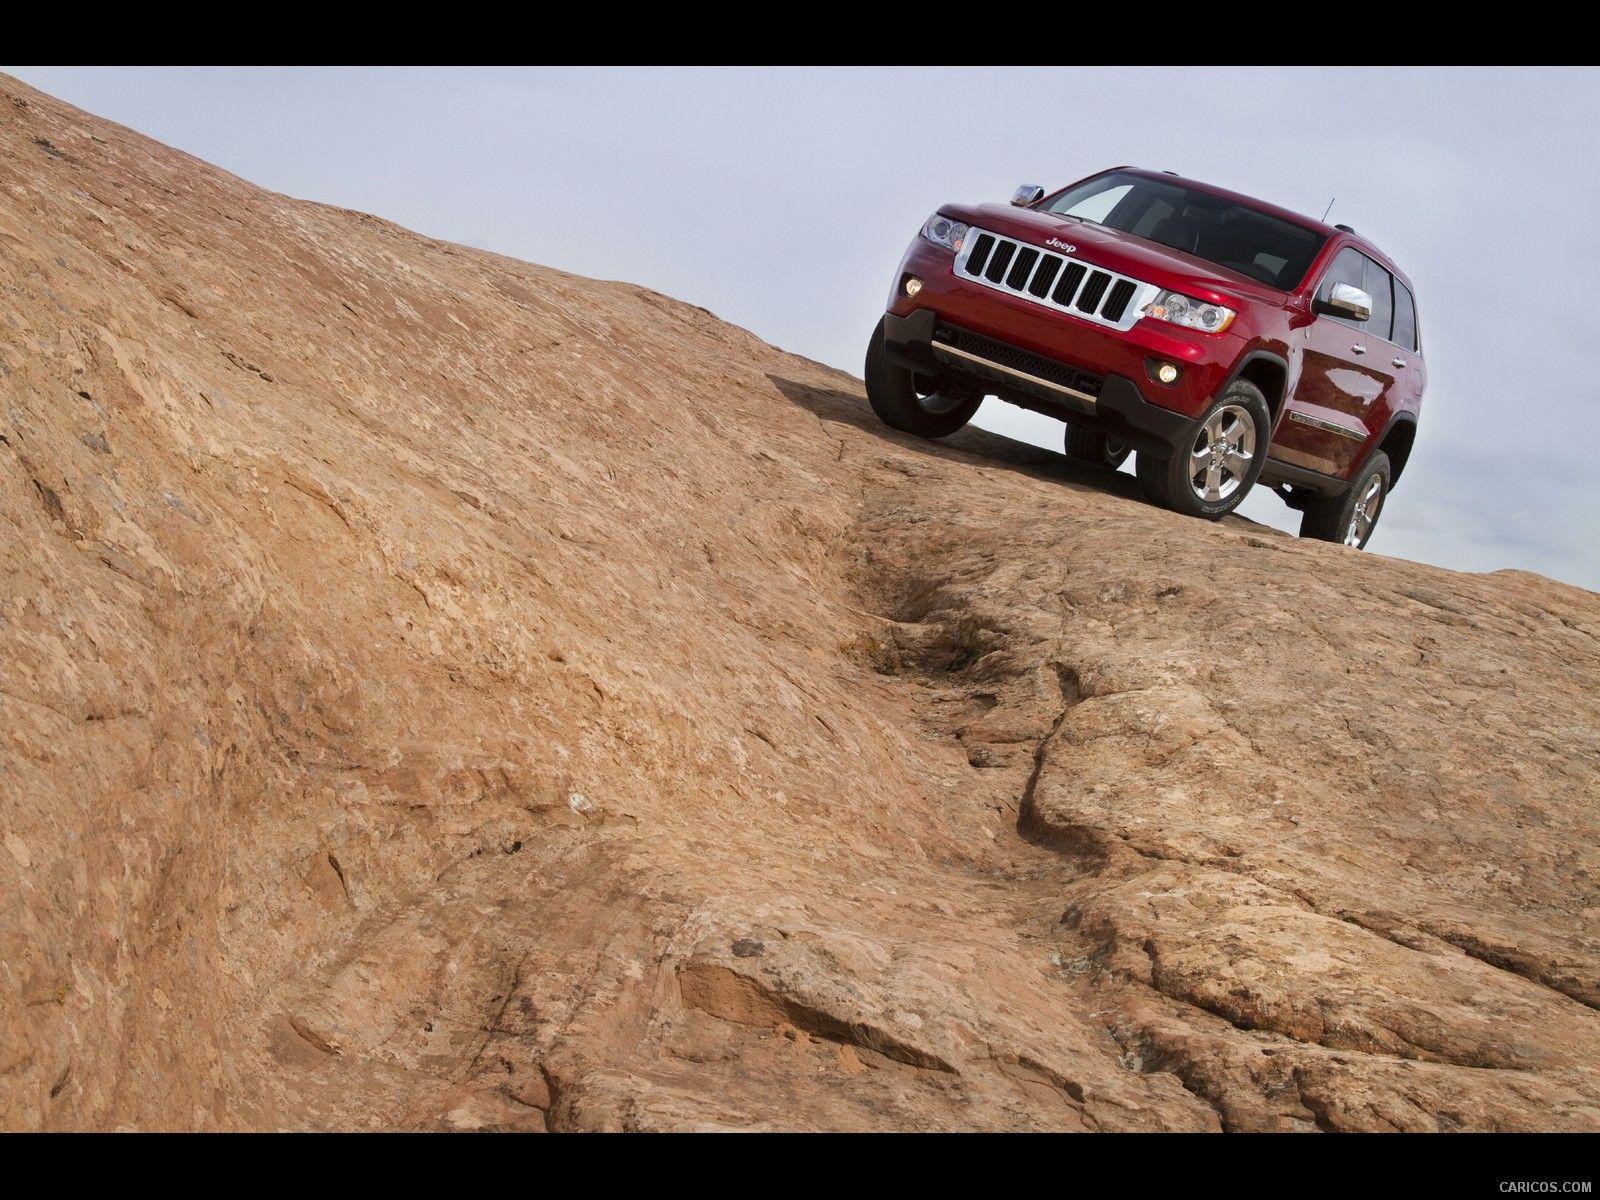 2011 Jeep Grand Cherokee Jeep Grand Cherokee 2011 Jeep Grand Cherokee Jeep